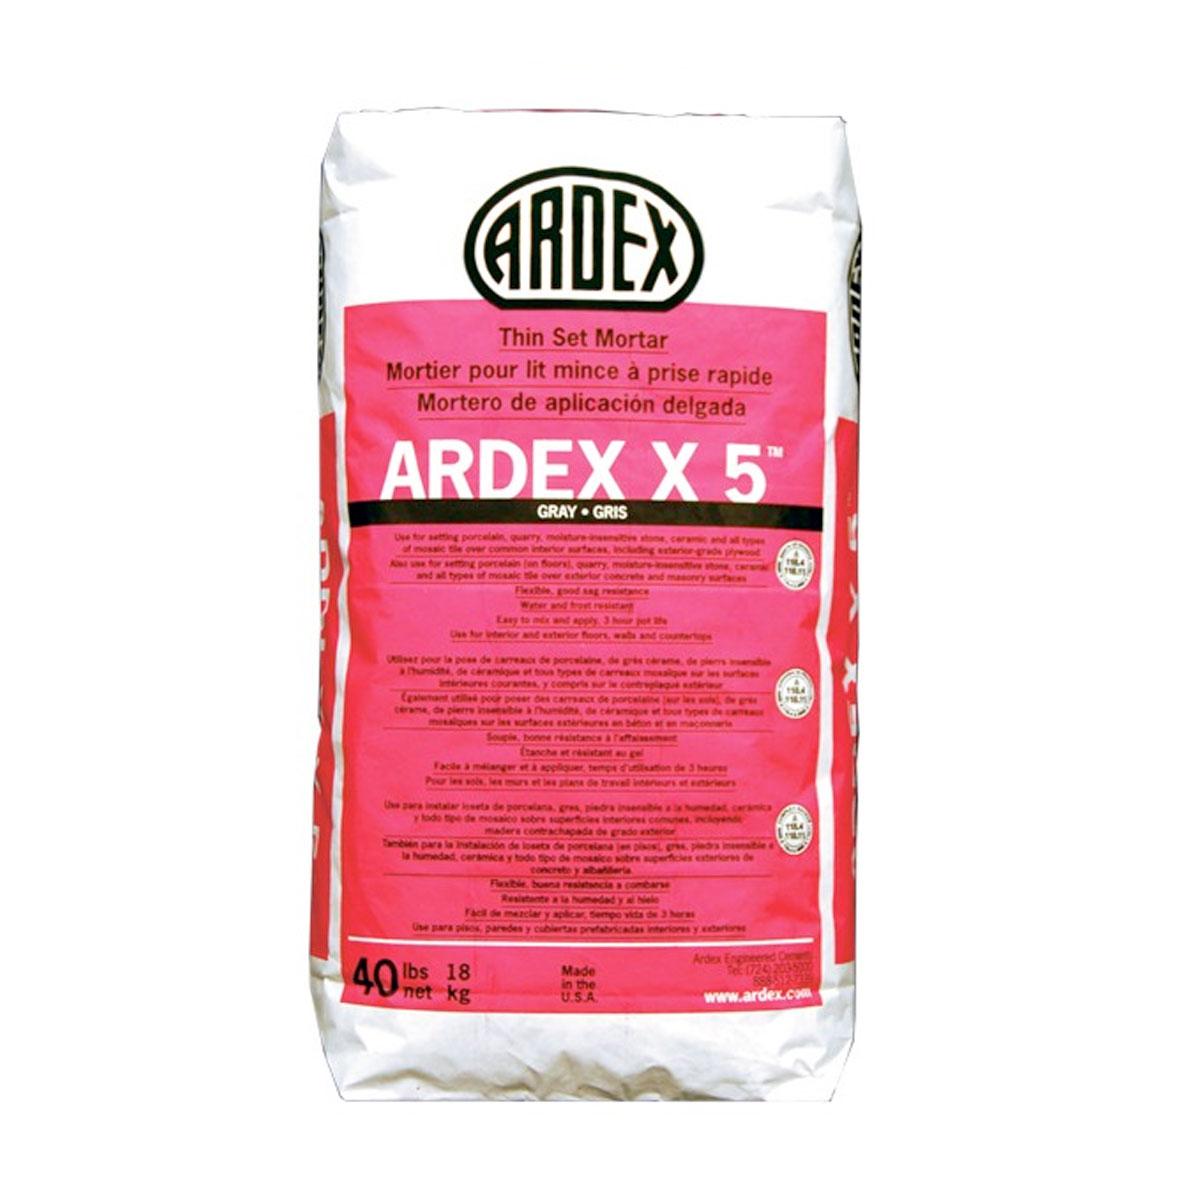 Ardex X 5